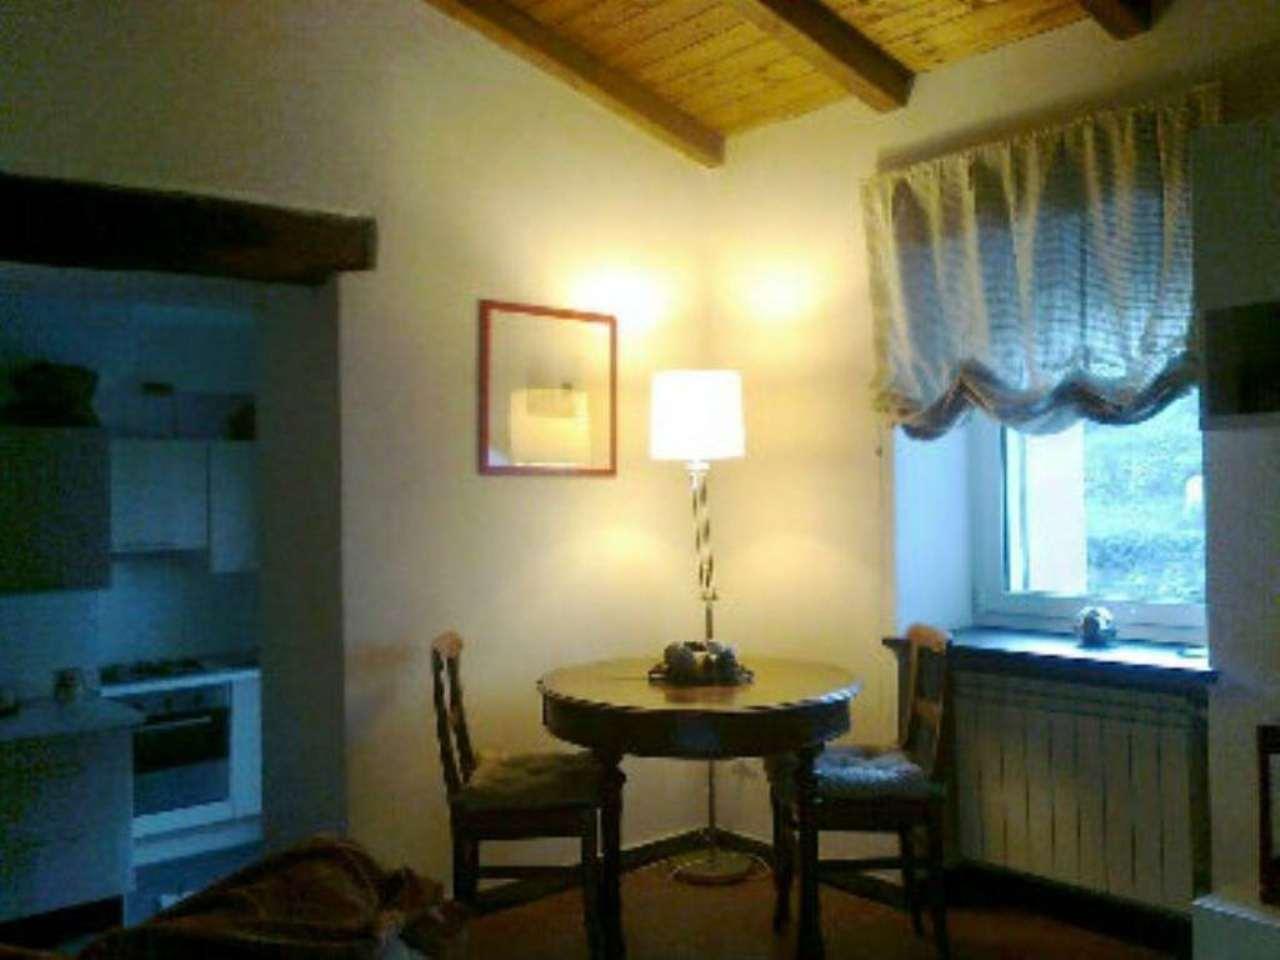 Palazzo / Stabile in affitto a Avegno, 3 locali, prezzo € 380 | Cambio Casa.it